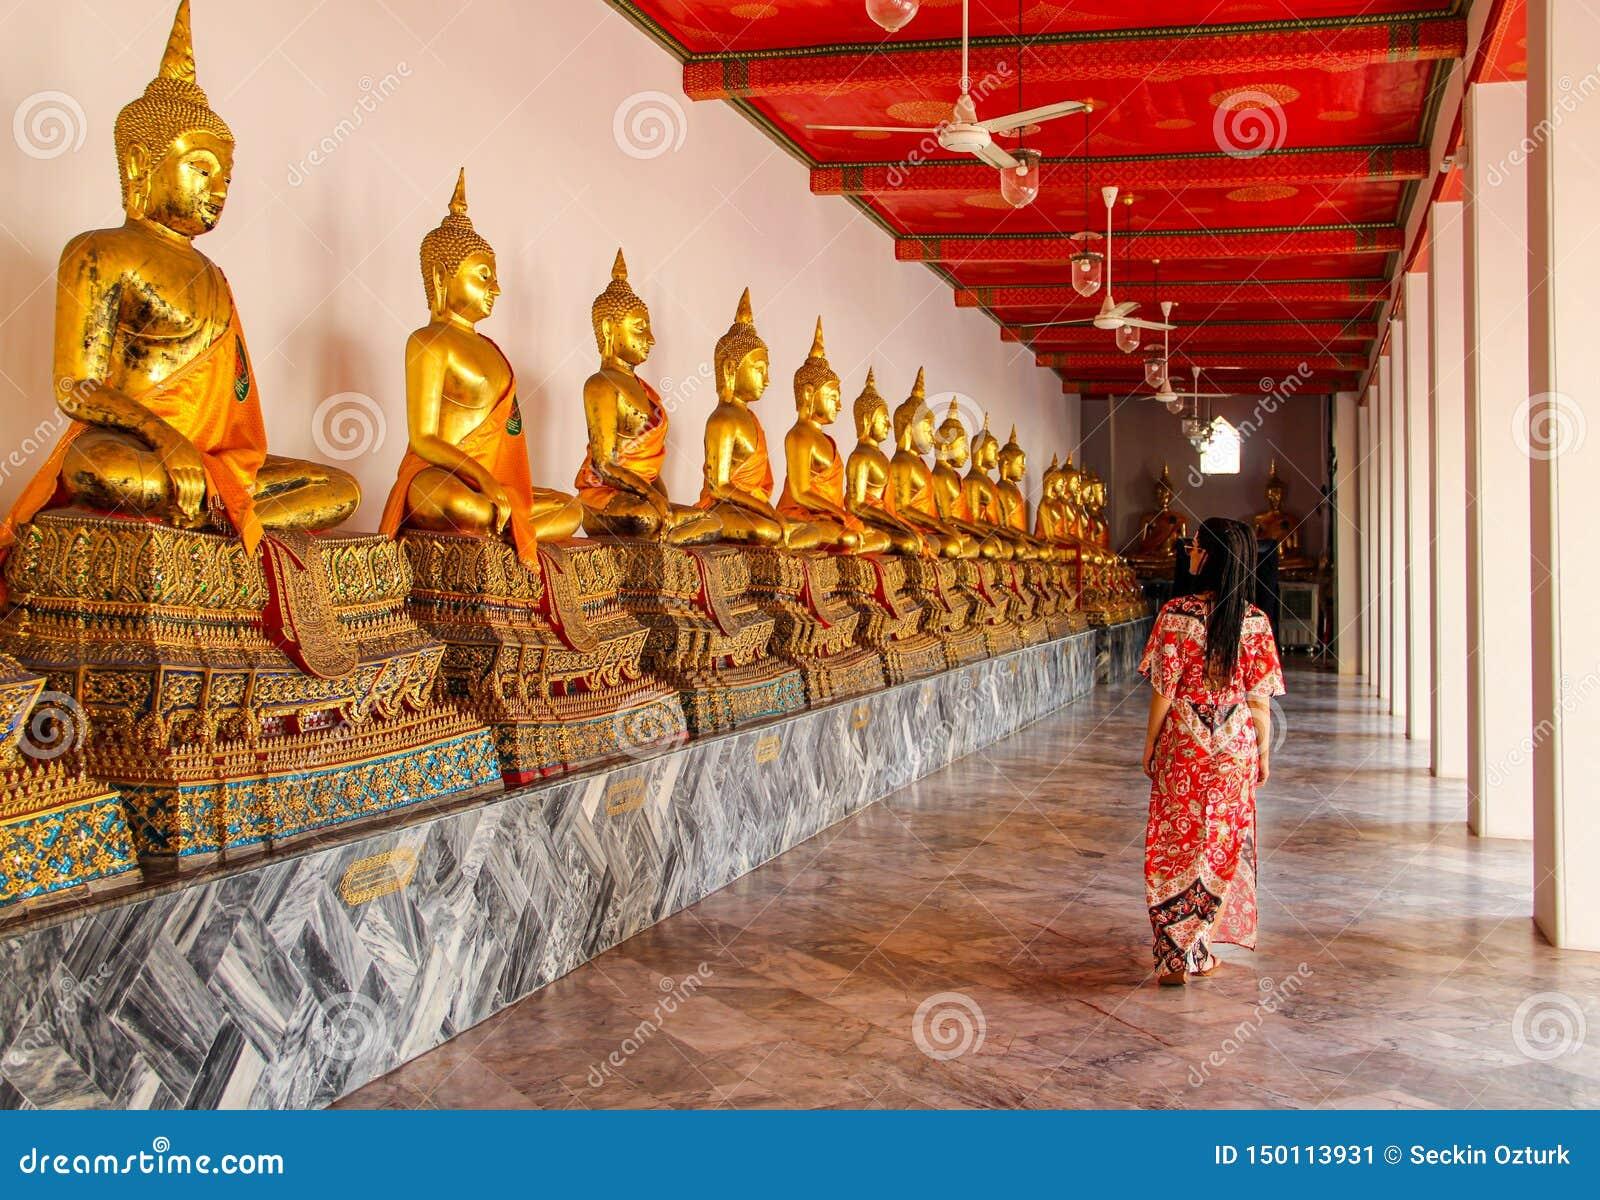 Estatuas budistas en templo budista en Bangkok